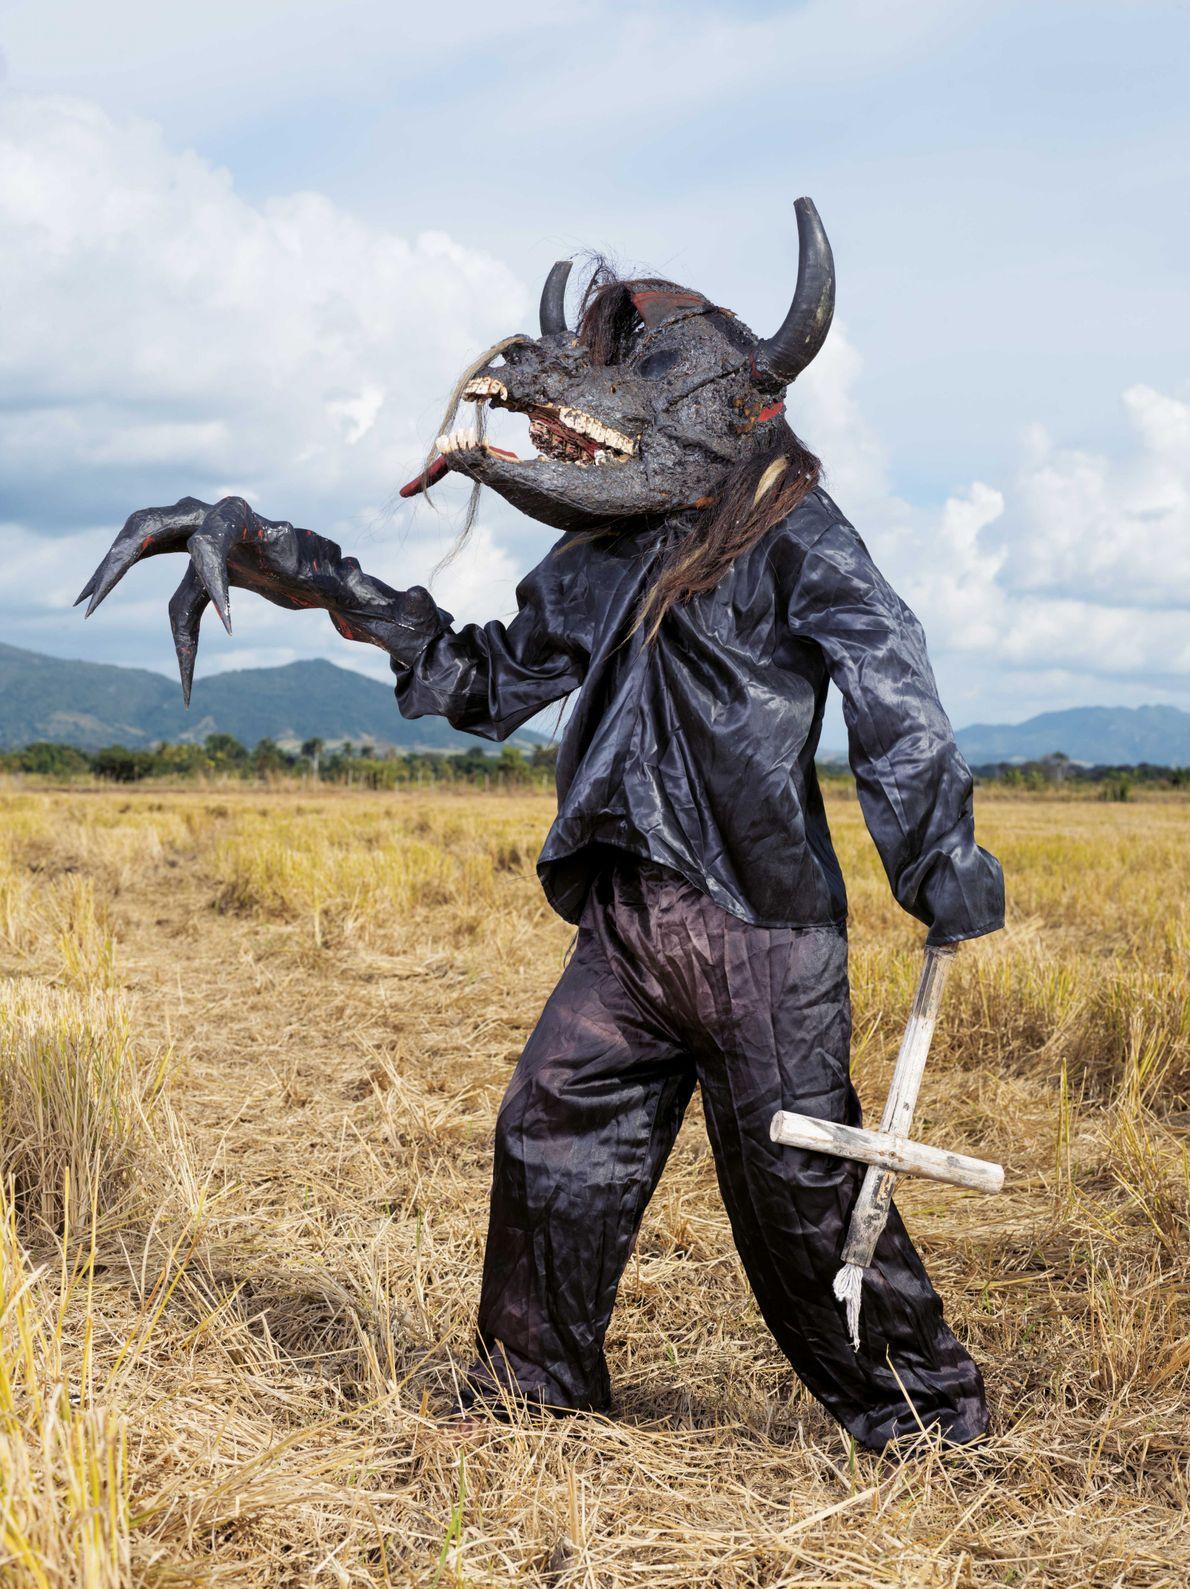 Le diable est un personnage-clé du carnaval dominicain. Celui-ci, nommé Tifuá, porte un masque pouvant notamment ...